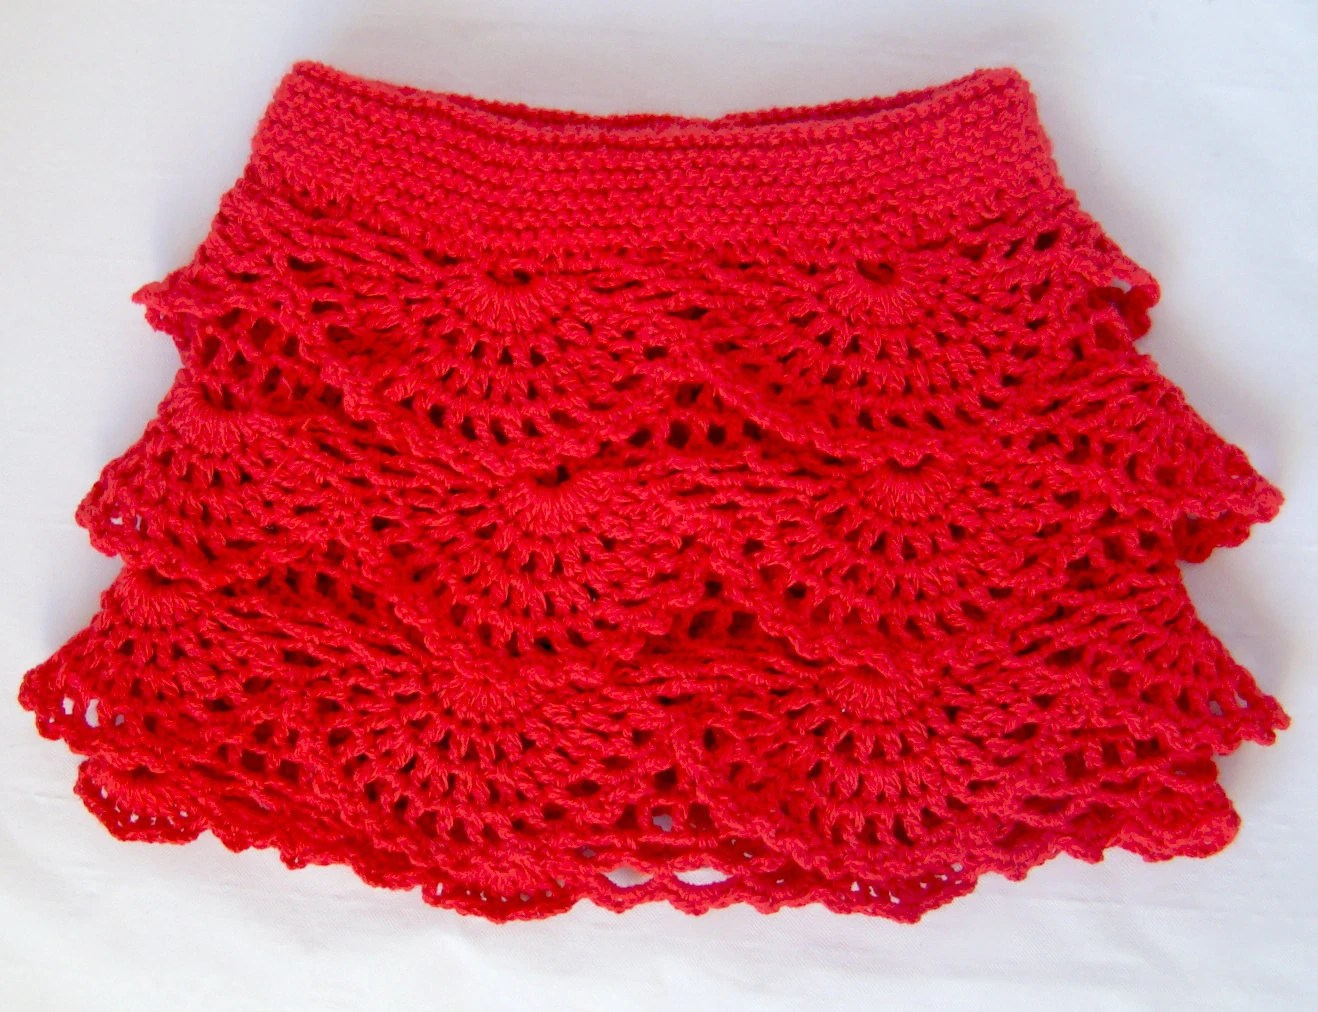 Red Crochet Toddler Ruffle Skirt